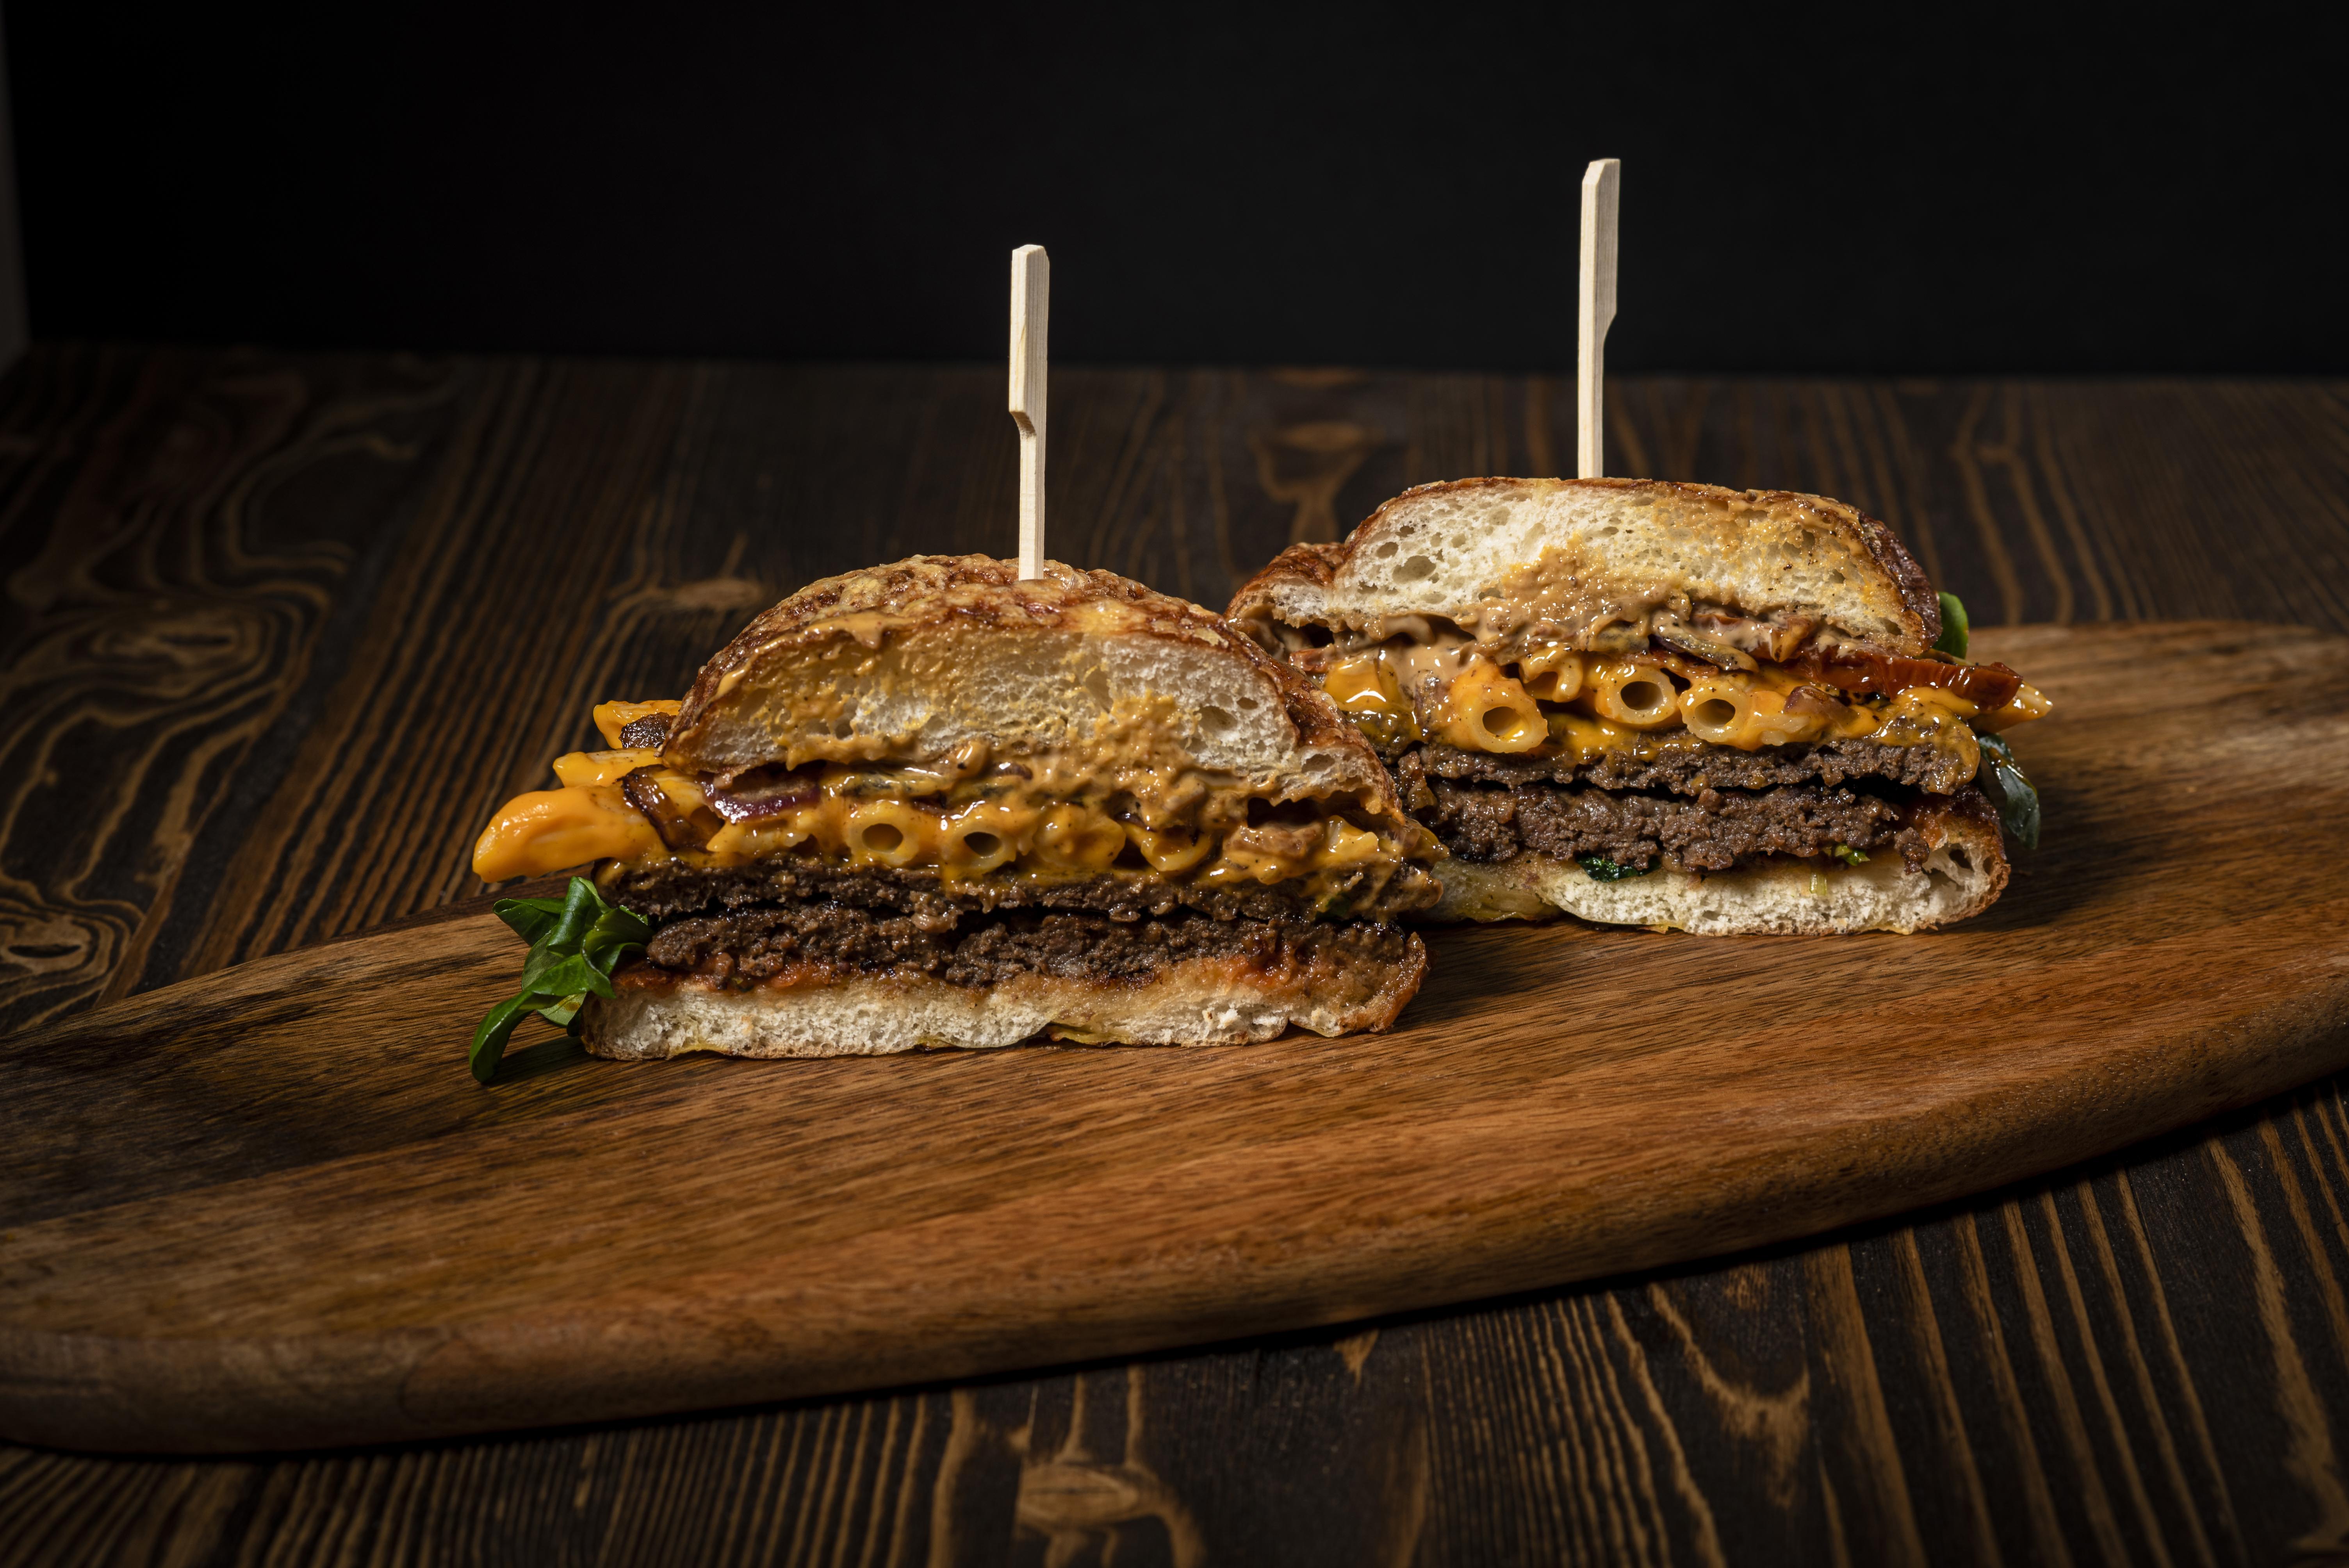 Zombie burger 1.